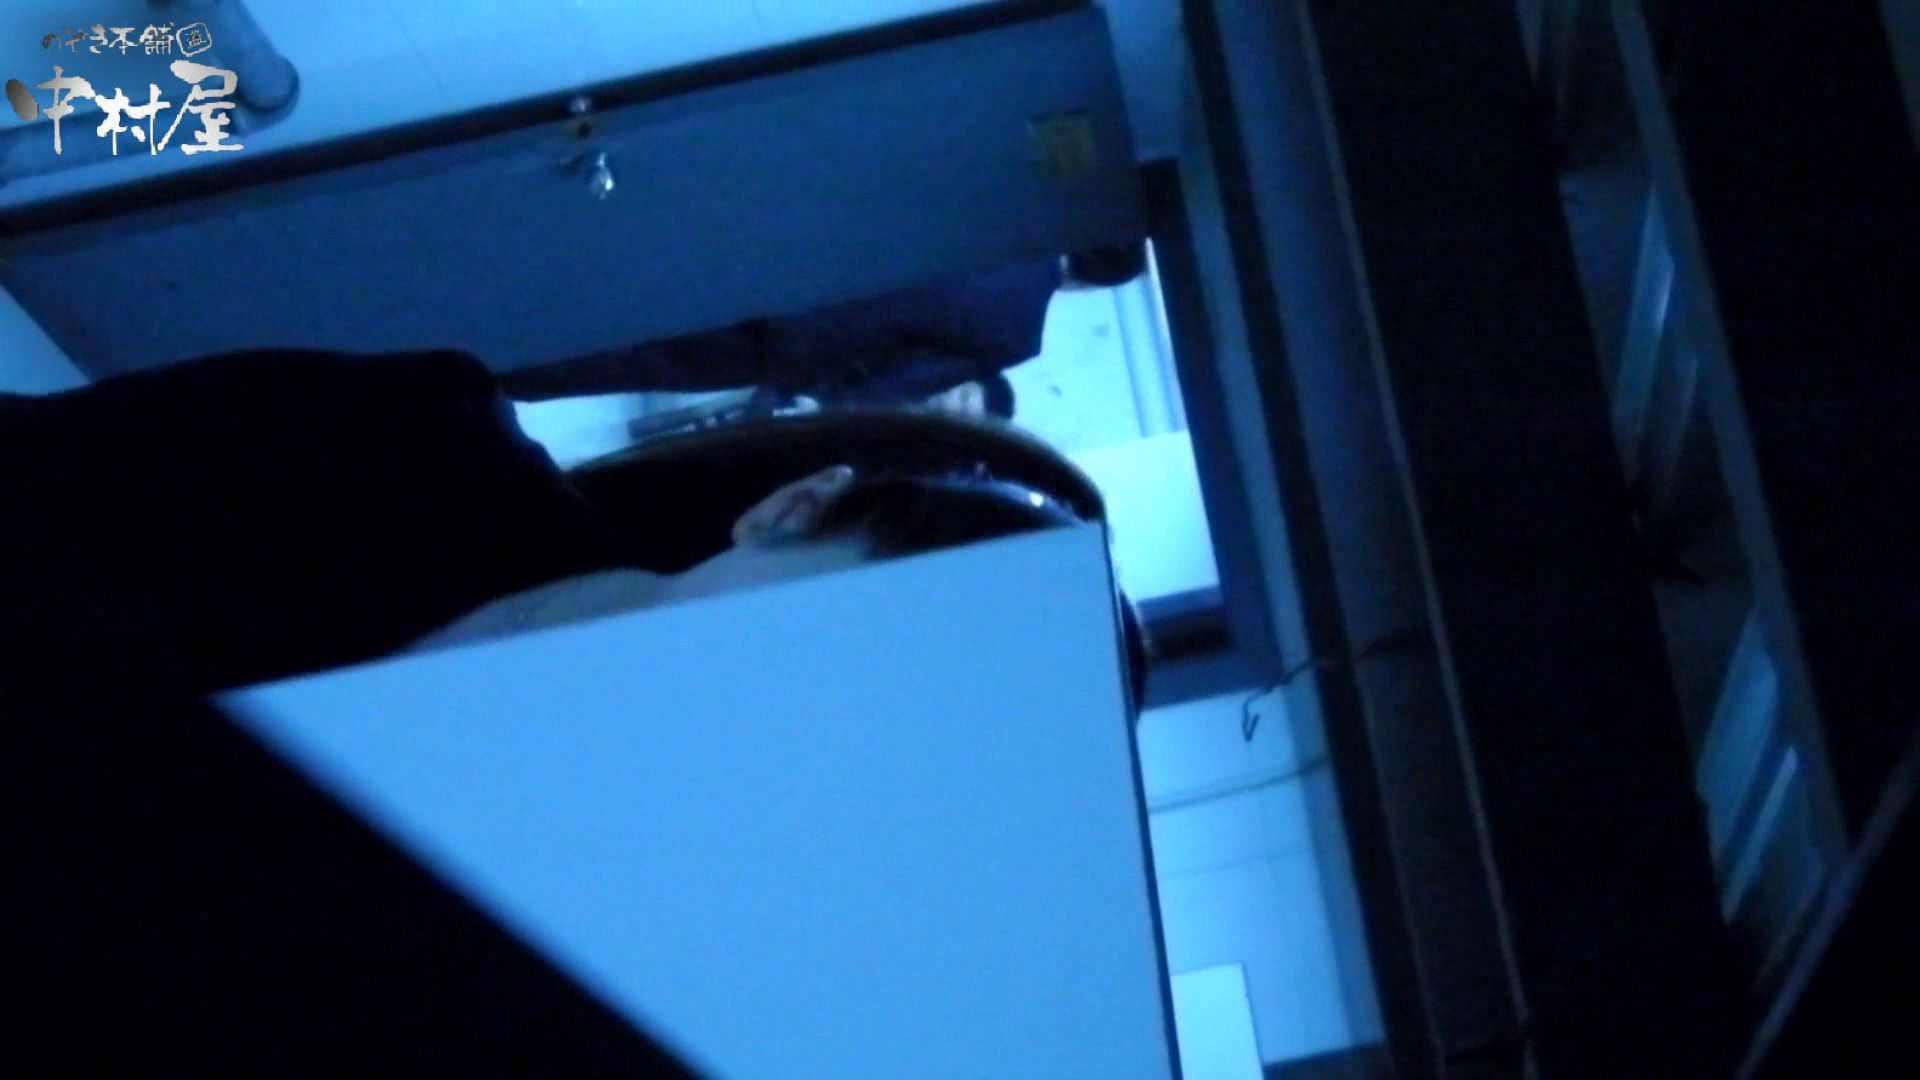 新世界の射窓 No70 世界の窓70 八頭身美女のエロい中腰 美女ヌード  49画像 4